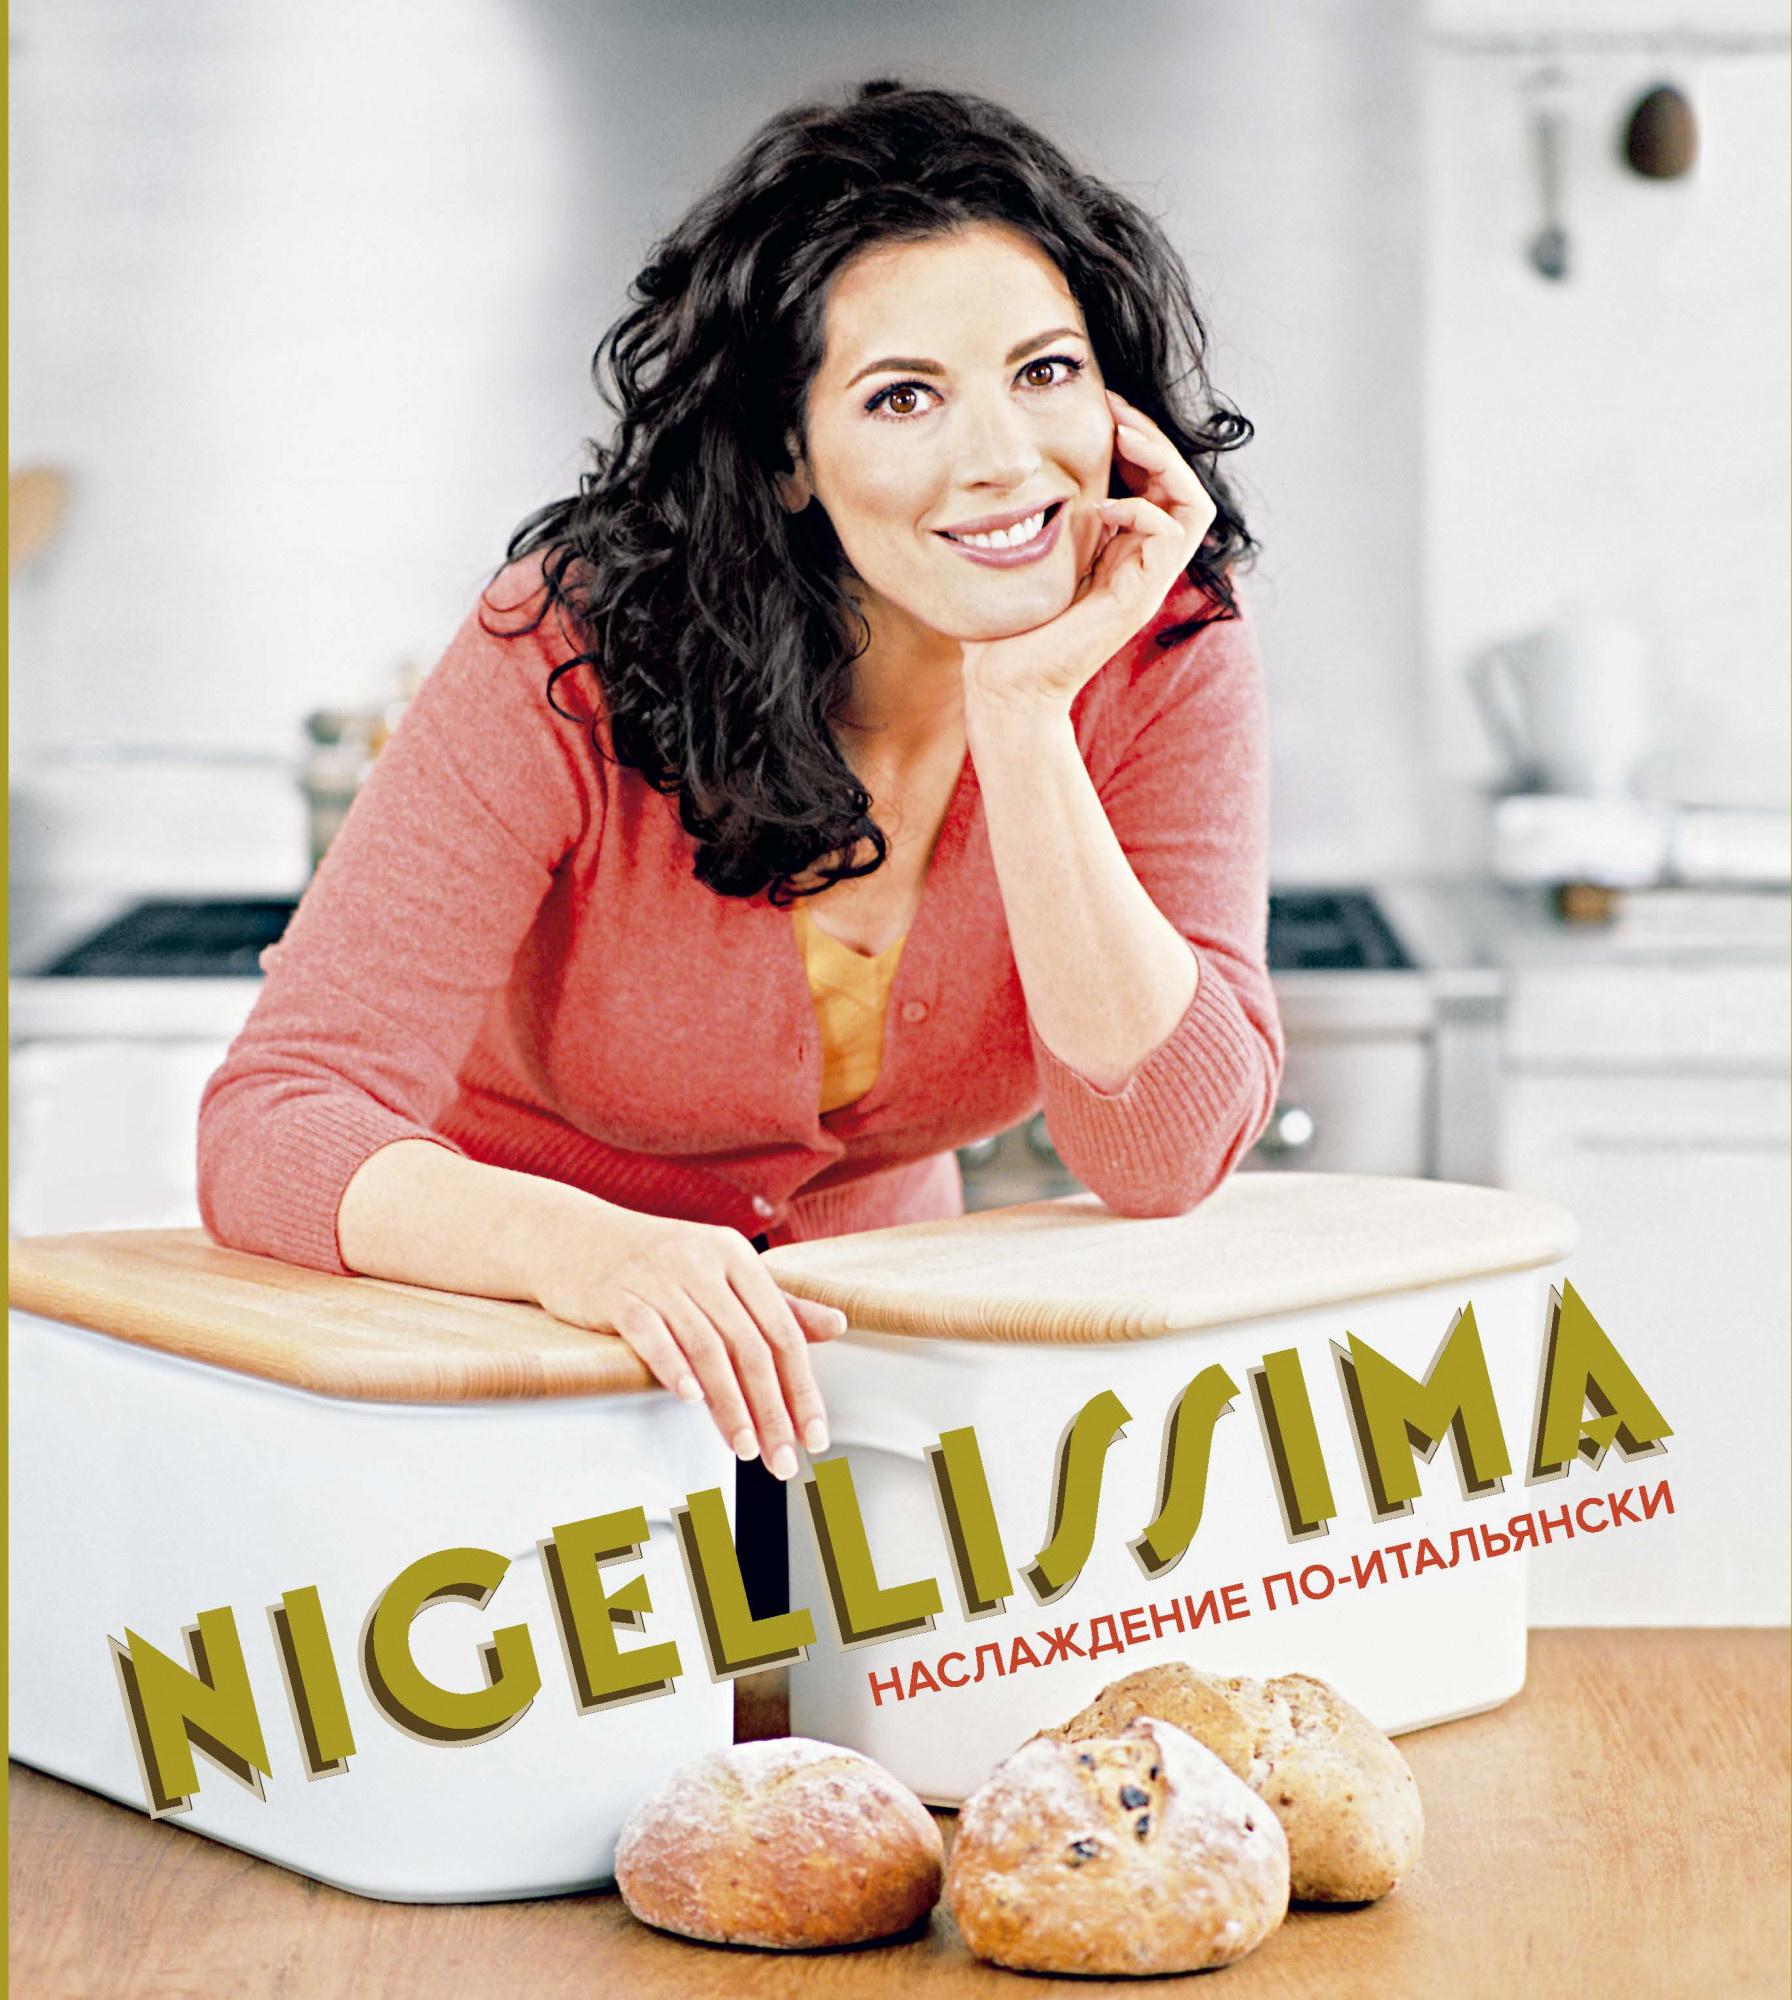 Nigellissima. Наслаждение по-итальянски. Автор — Найджелла Лоусон. Переплет —